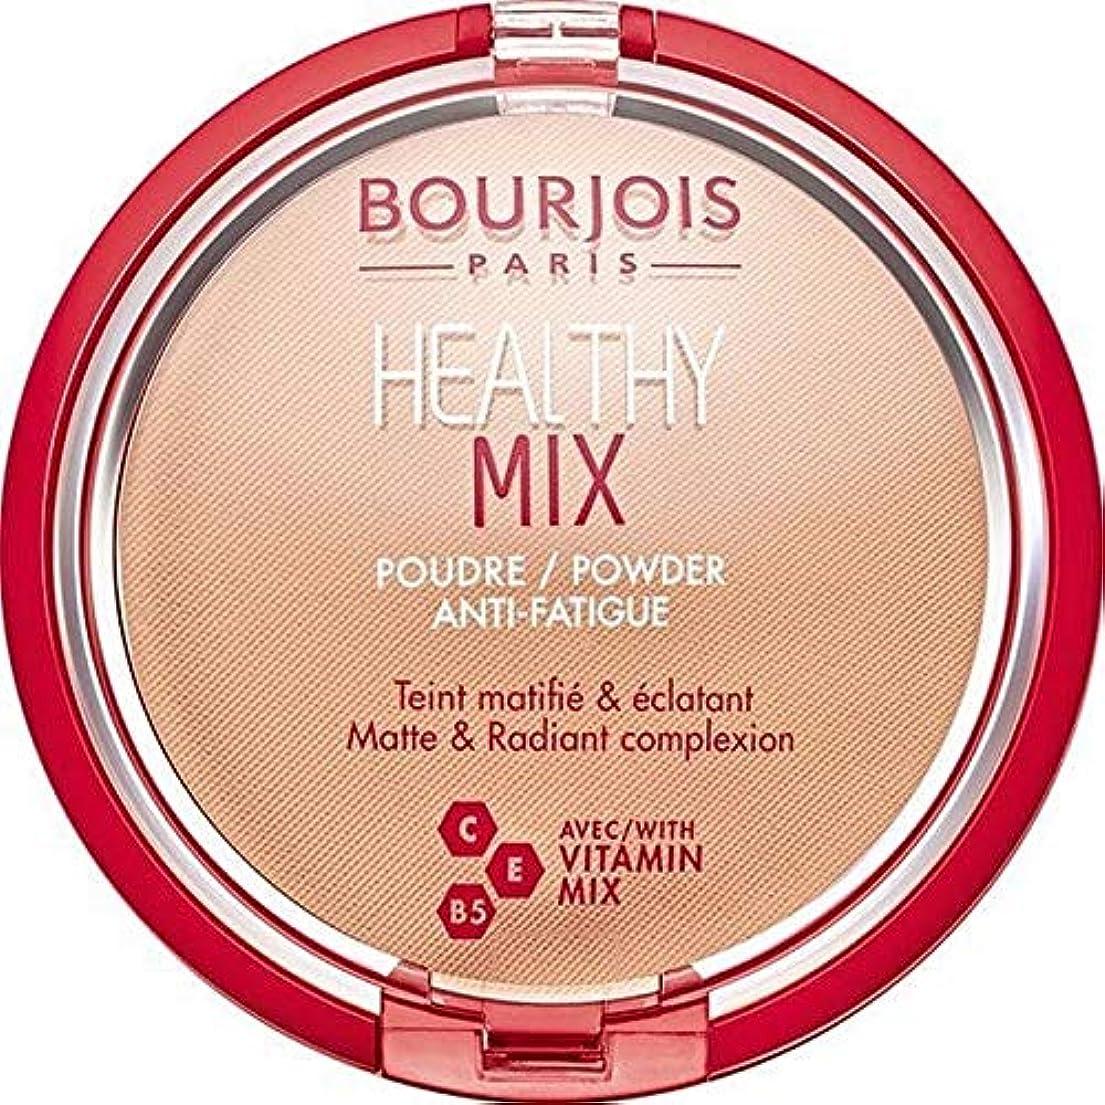 卒業コンテンポラリー束ねる[Bourjois ] ブルジョワヘルシーミックスは粉末3を押します - Bourjois Healthy Mix Pressed Powder 3 [並行輸入品]